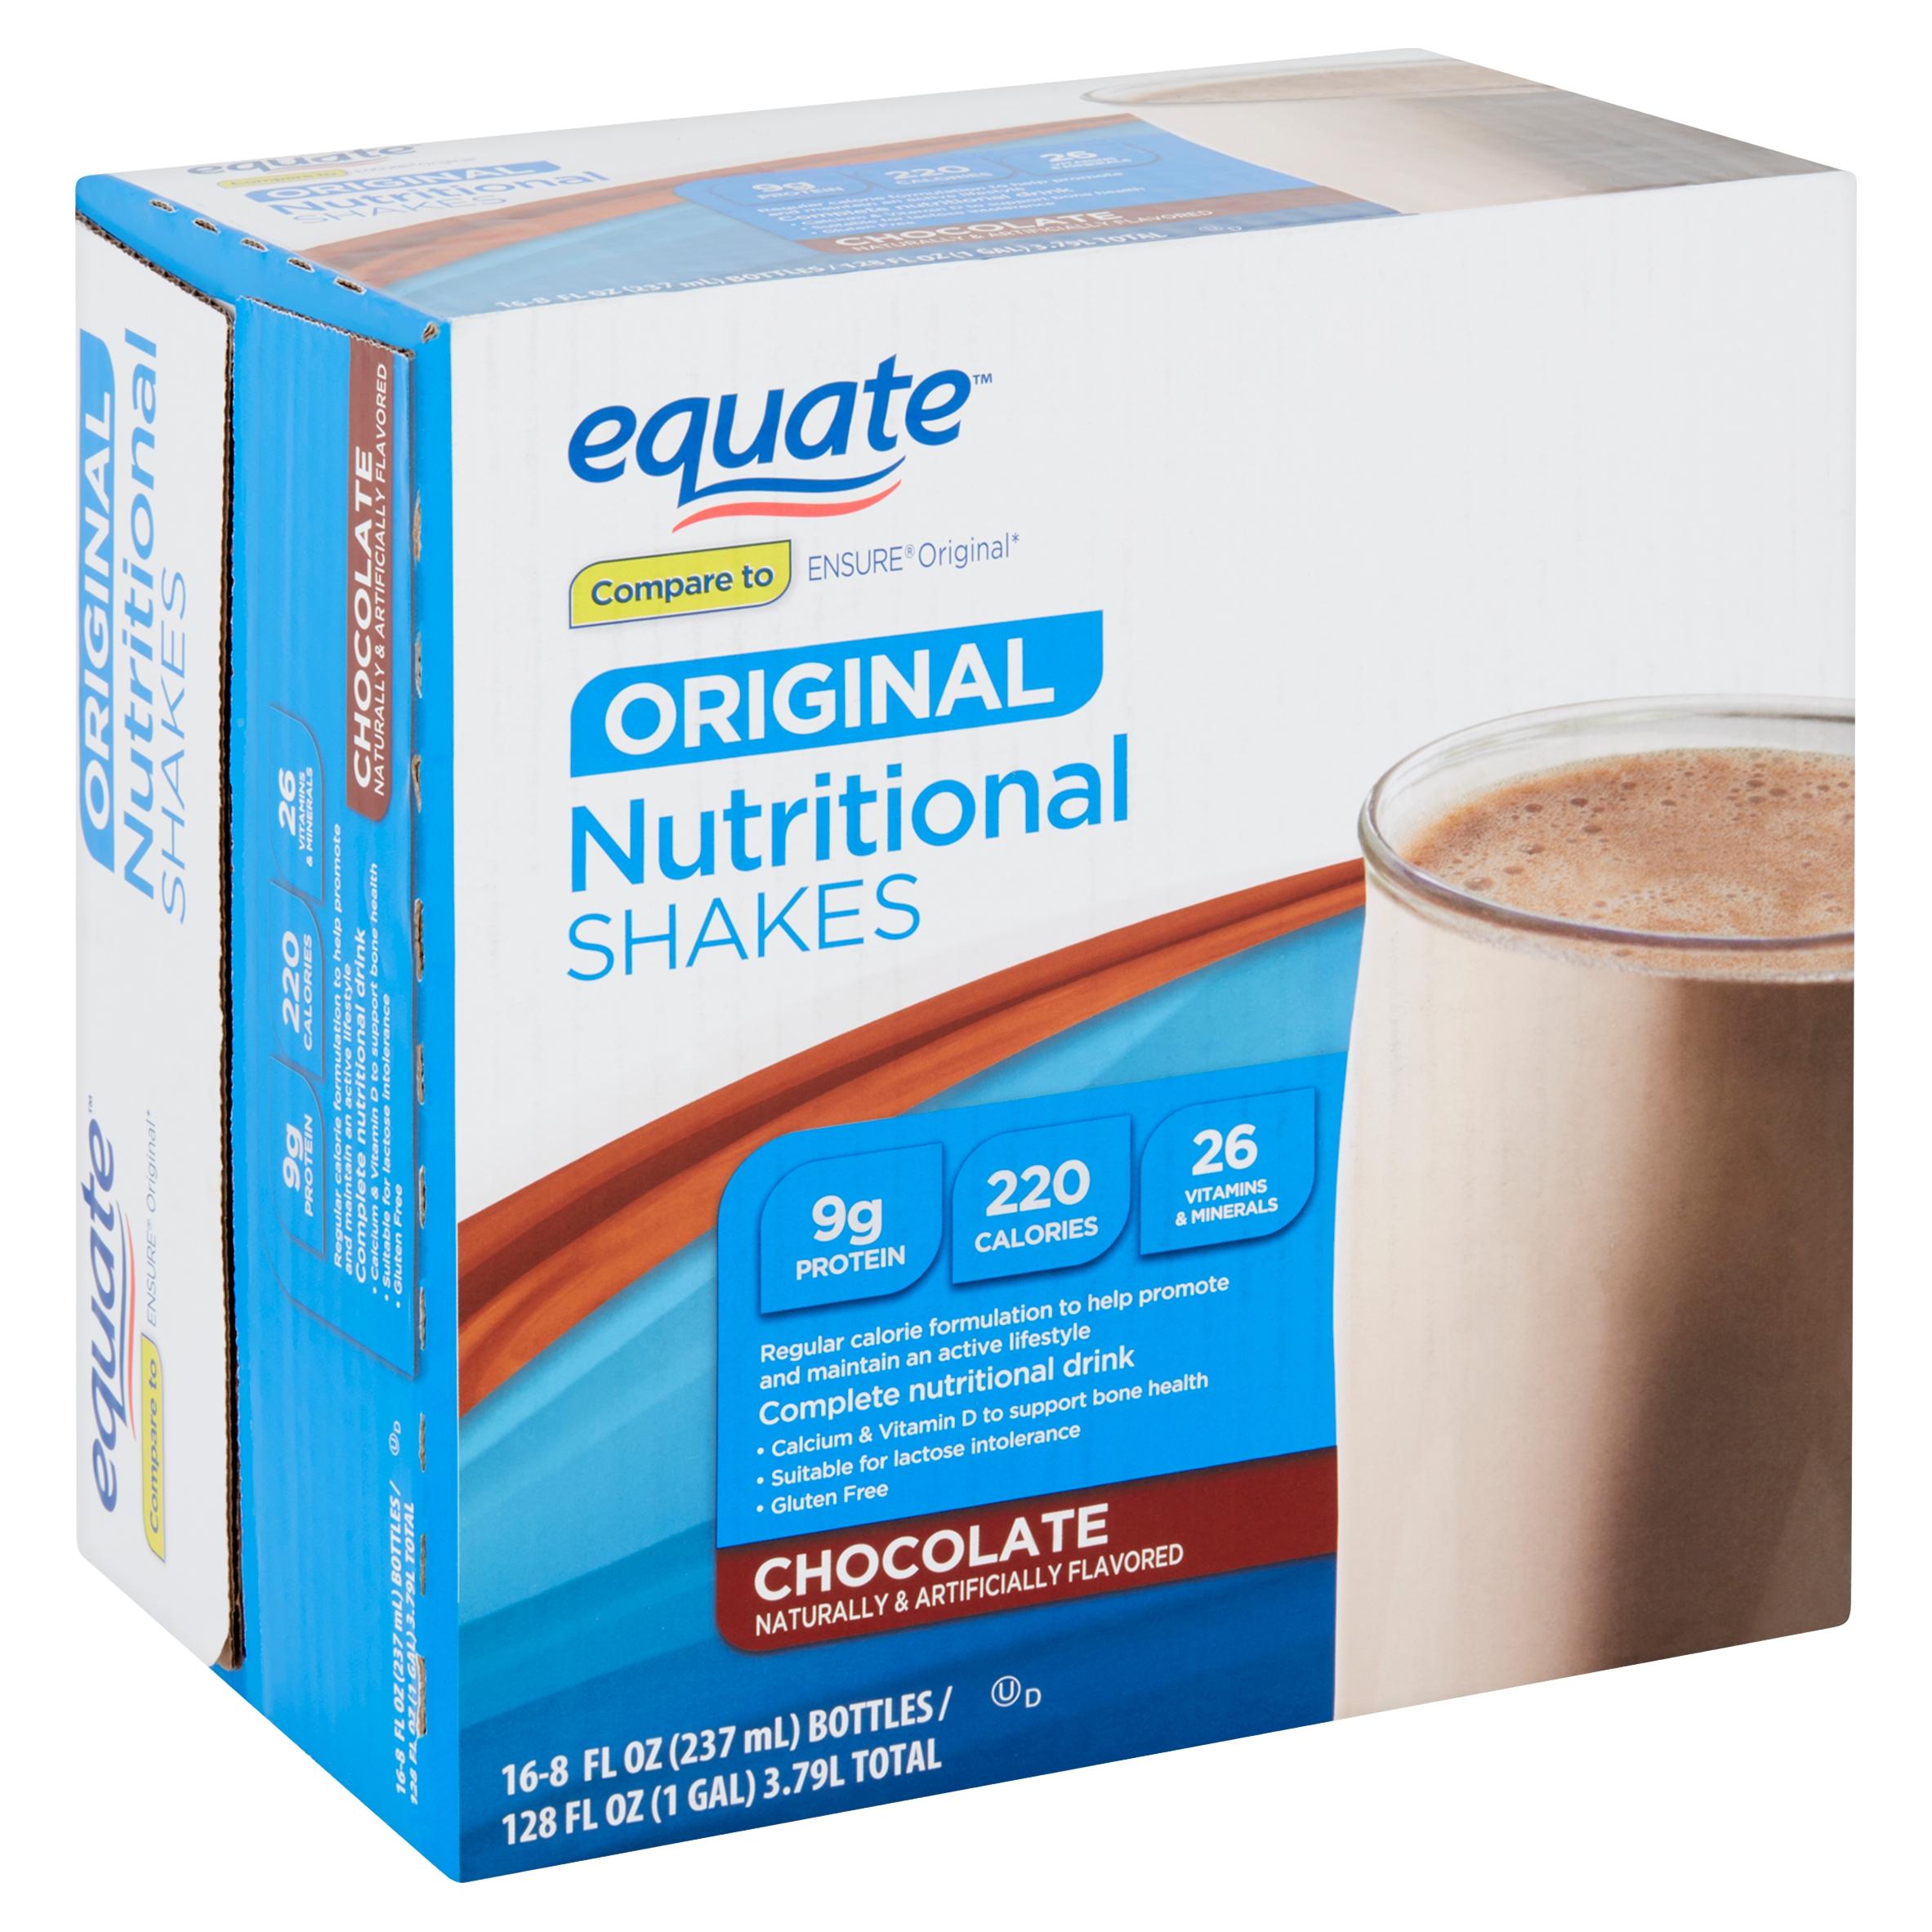 Equate Original Chocolate Nutritional Shakes, 8 fl oz, 16 count